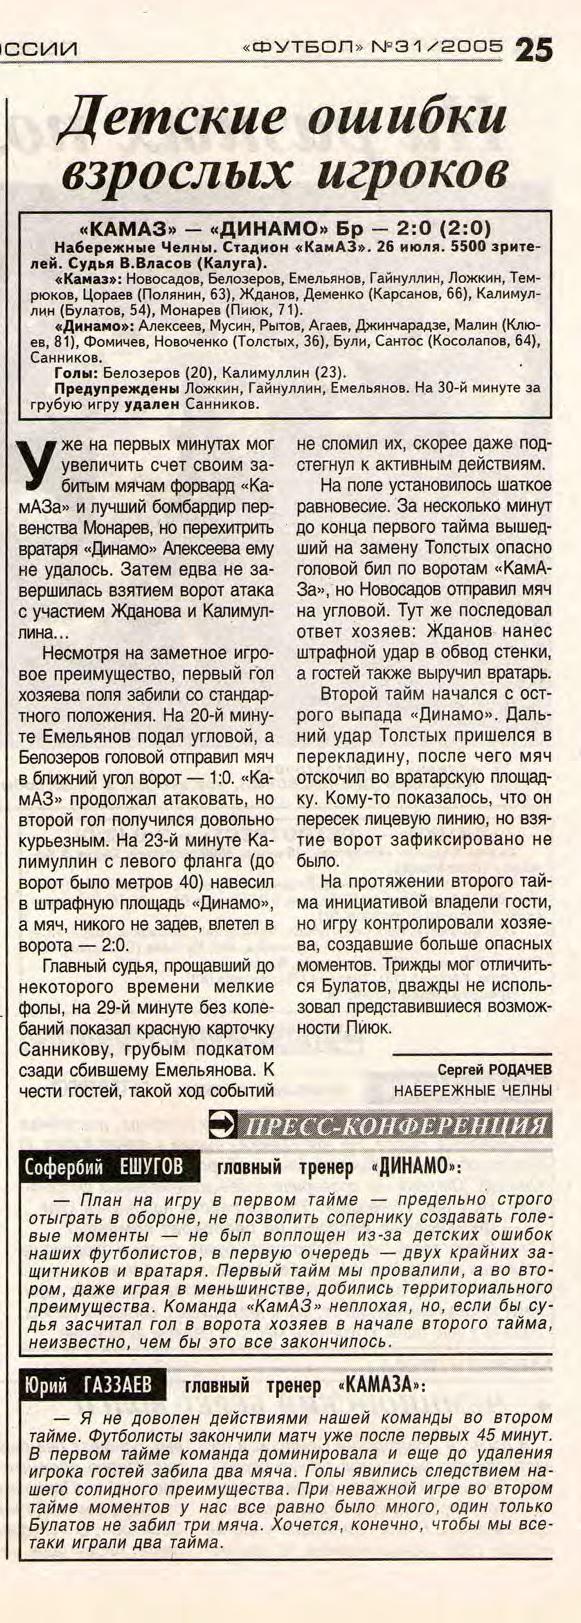 КамАЗ (Набережные Челны) - Динамо (Брянск) 2:0